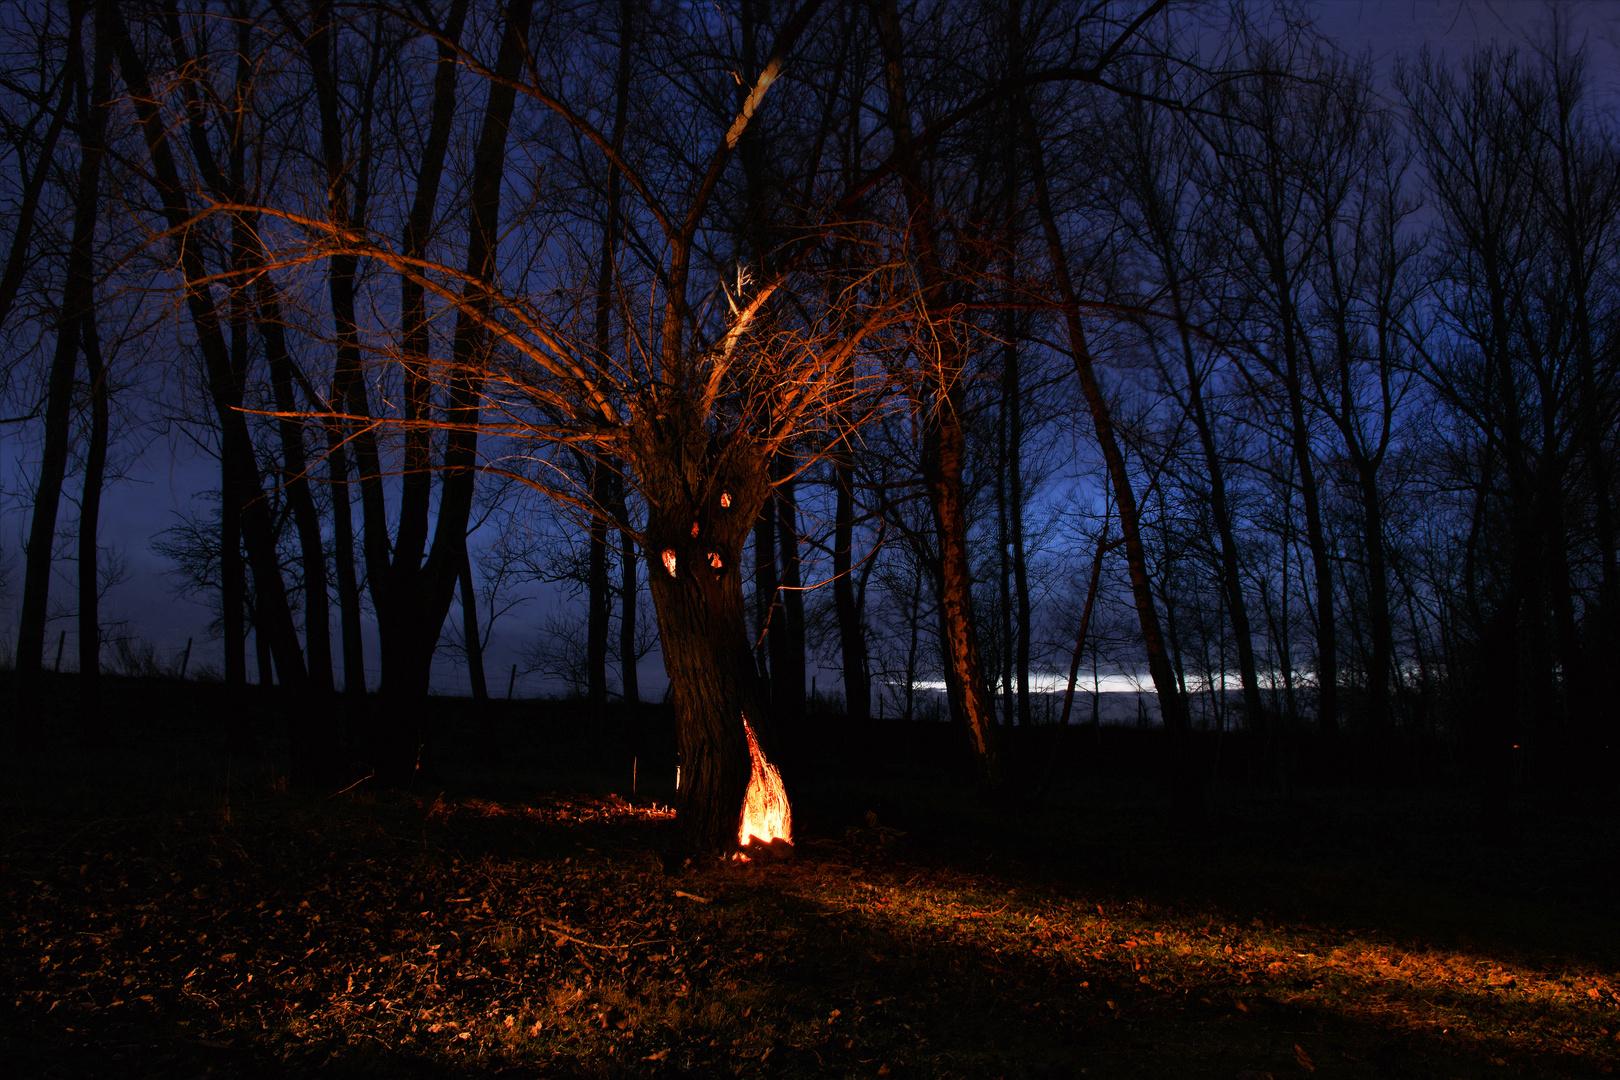 Feuer im Baum